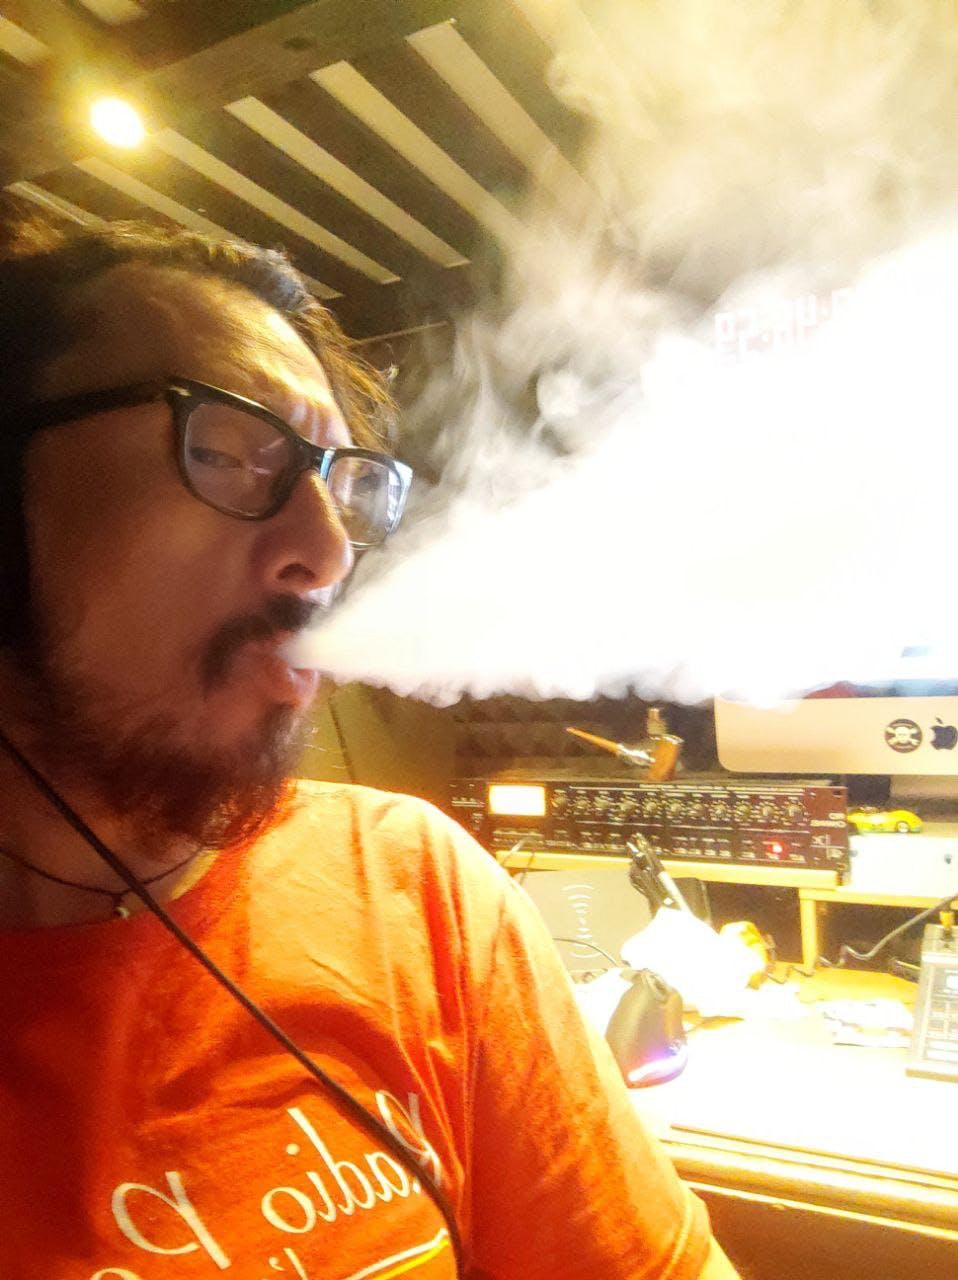 527 - Quanto pesa il fumo